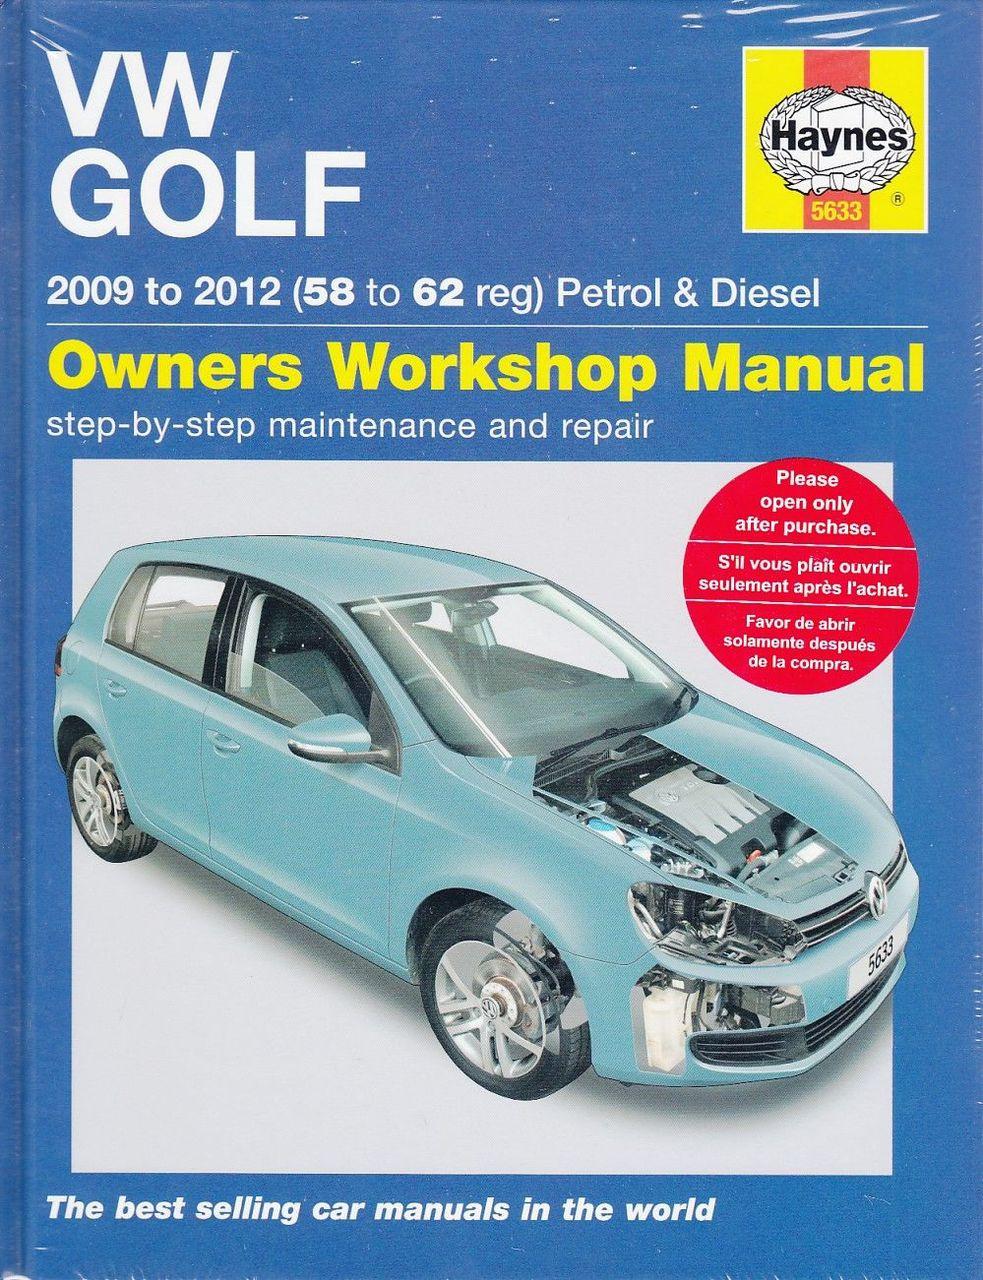 2009 volkswagen gti owners manual today manual guide trends sample u2022 rh brookejasmine co vw gti owners manual 2016 vw gti owners manual 2015